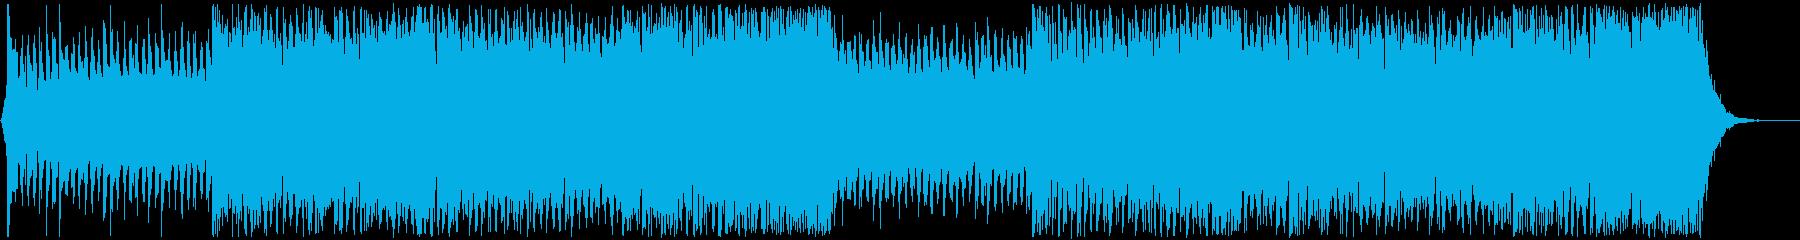 エモーショナルなスポーツハイライトEDMの再生済みの波形